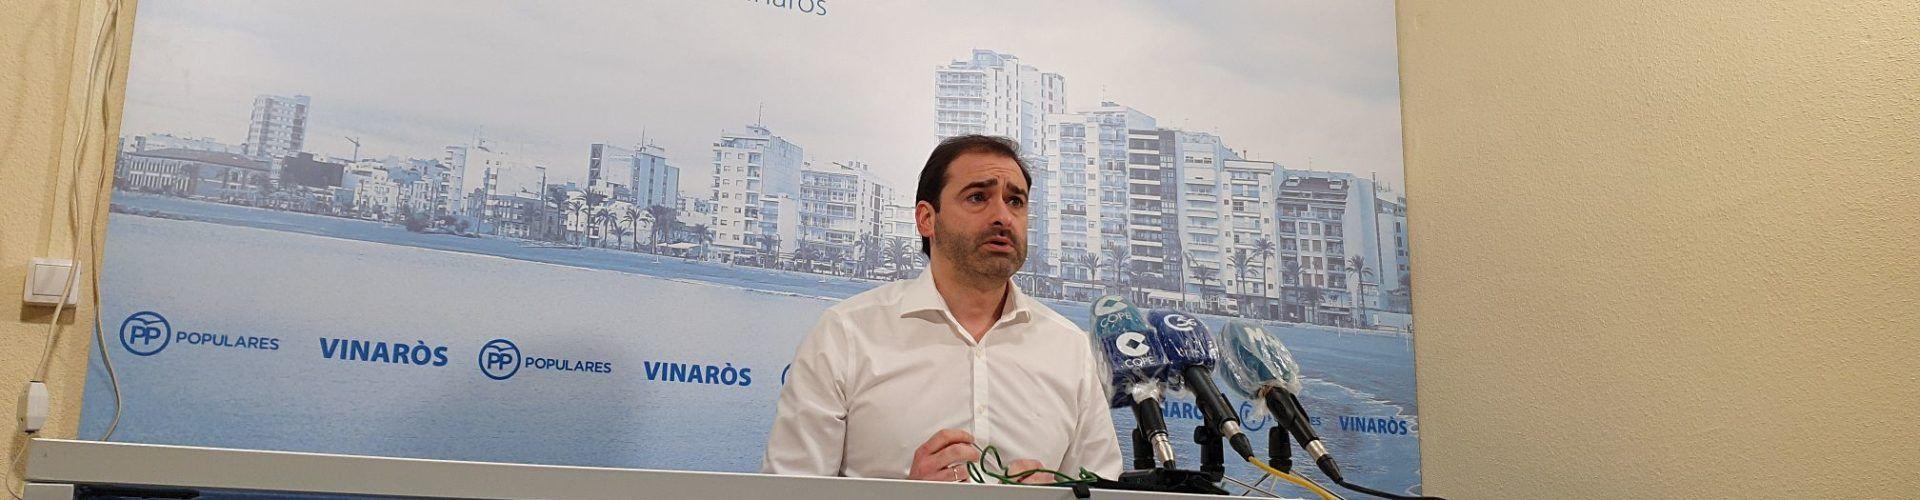 Vídeo: roda de premsa del portaveu del PP a Vinaròs J.Amat